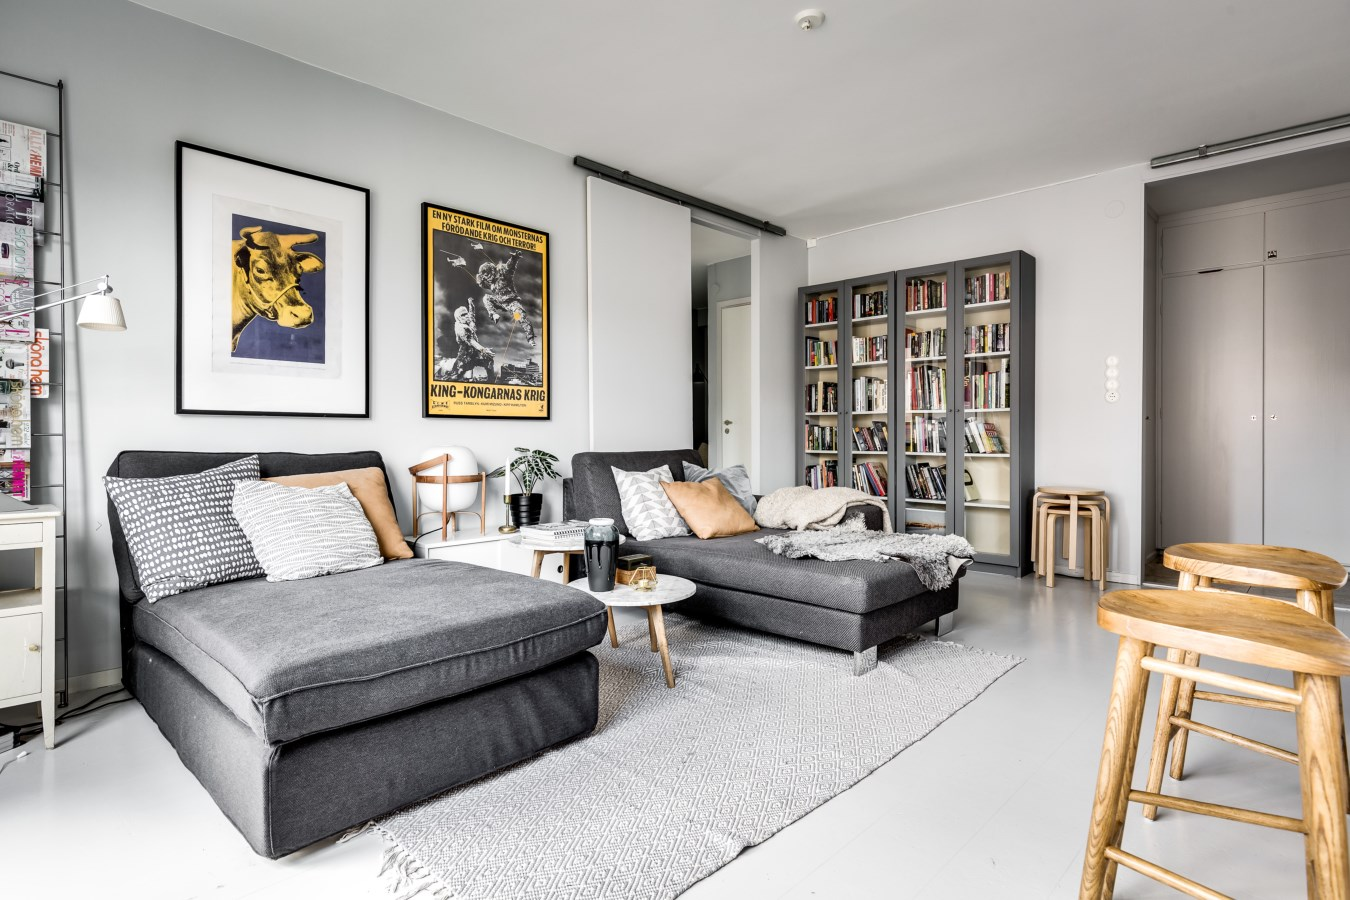 Binnenkijken bij een interieur met veel wit grijs en for Bruin grijs interieur